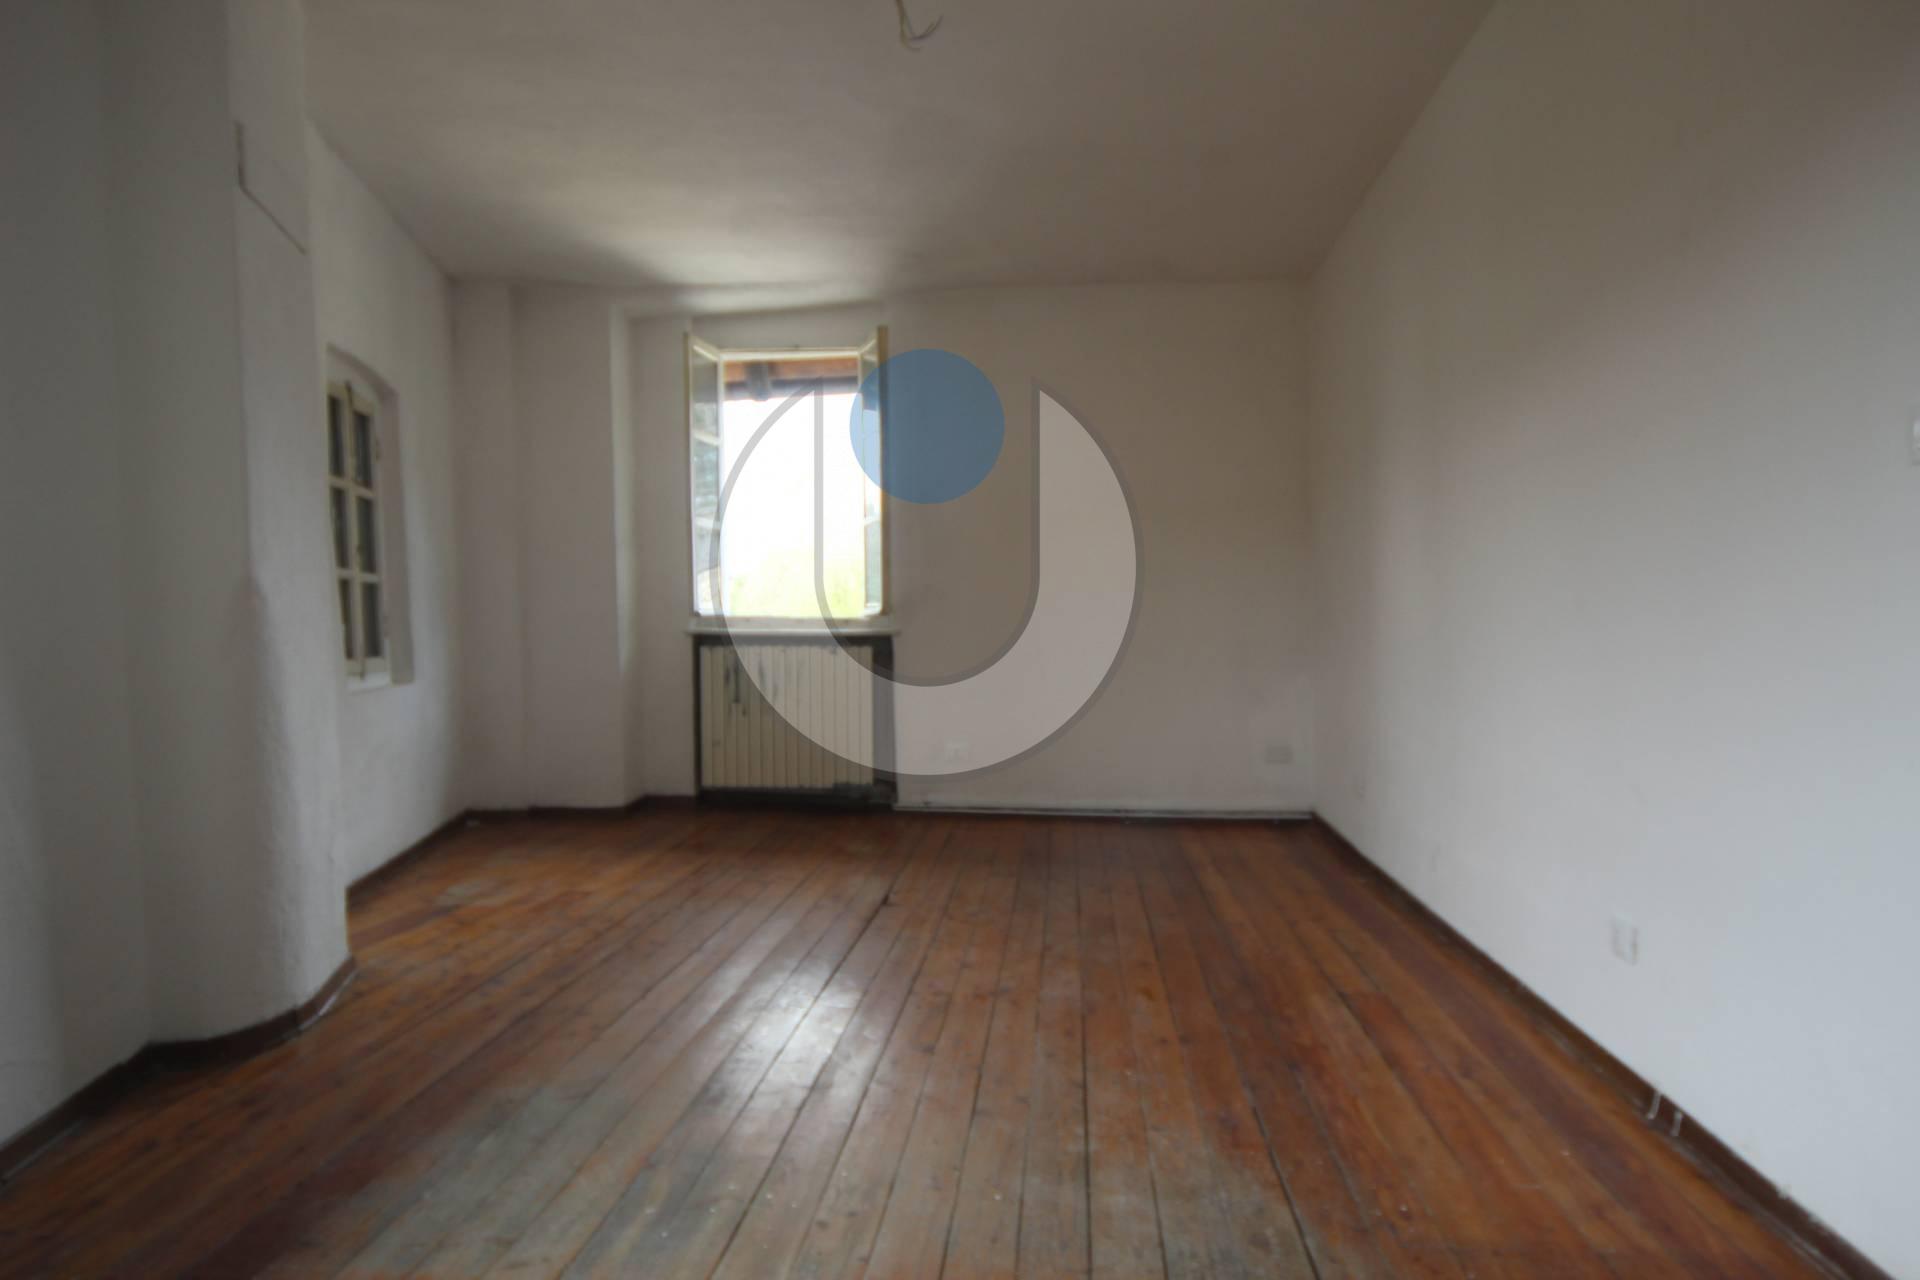 Appartamento in affitto a moncalieri cod via 4384 for Affitto moncalieri privato arredato